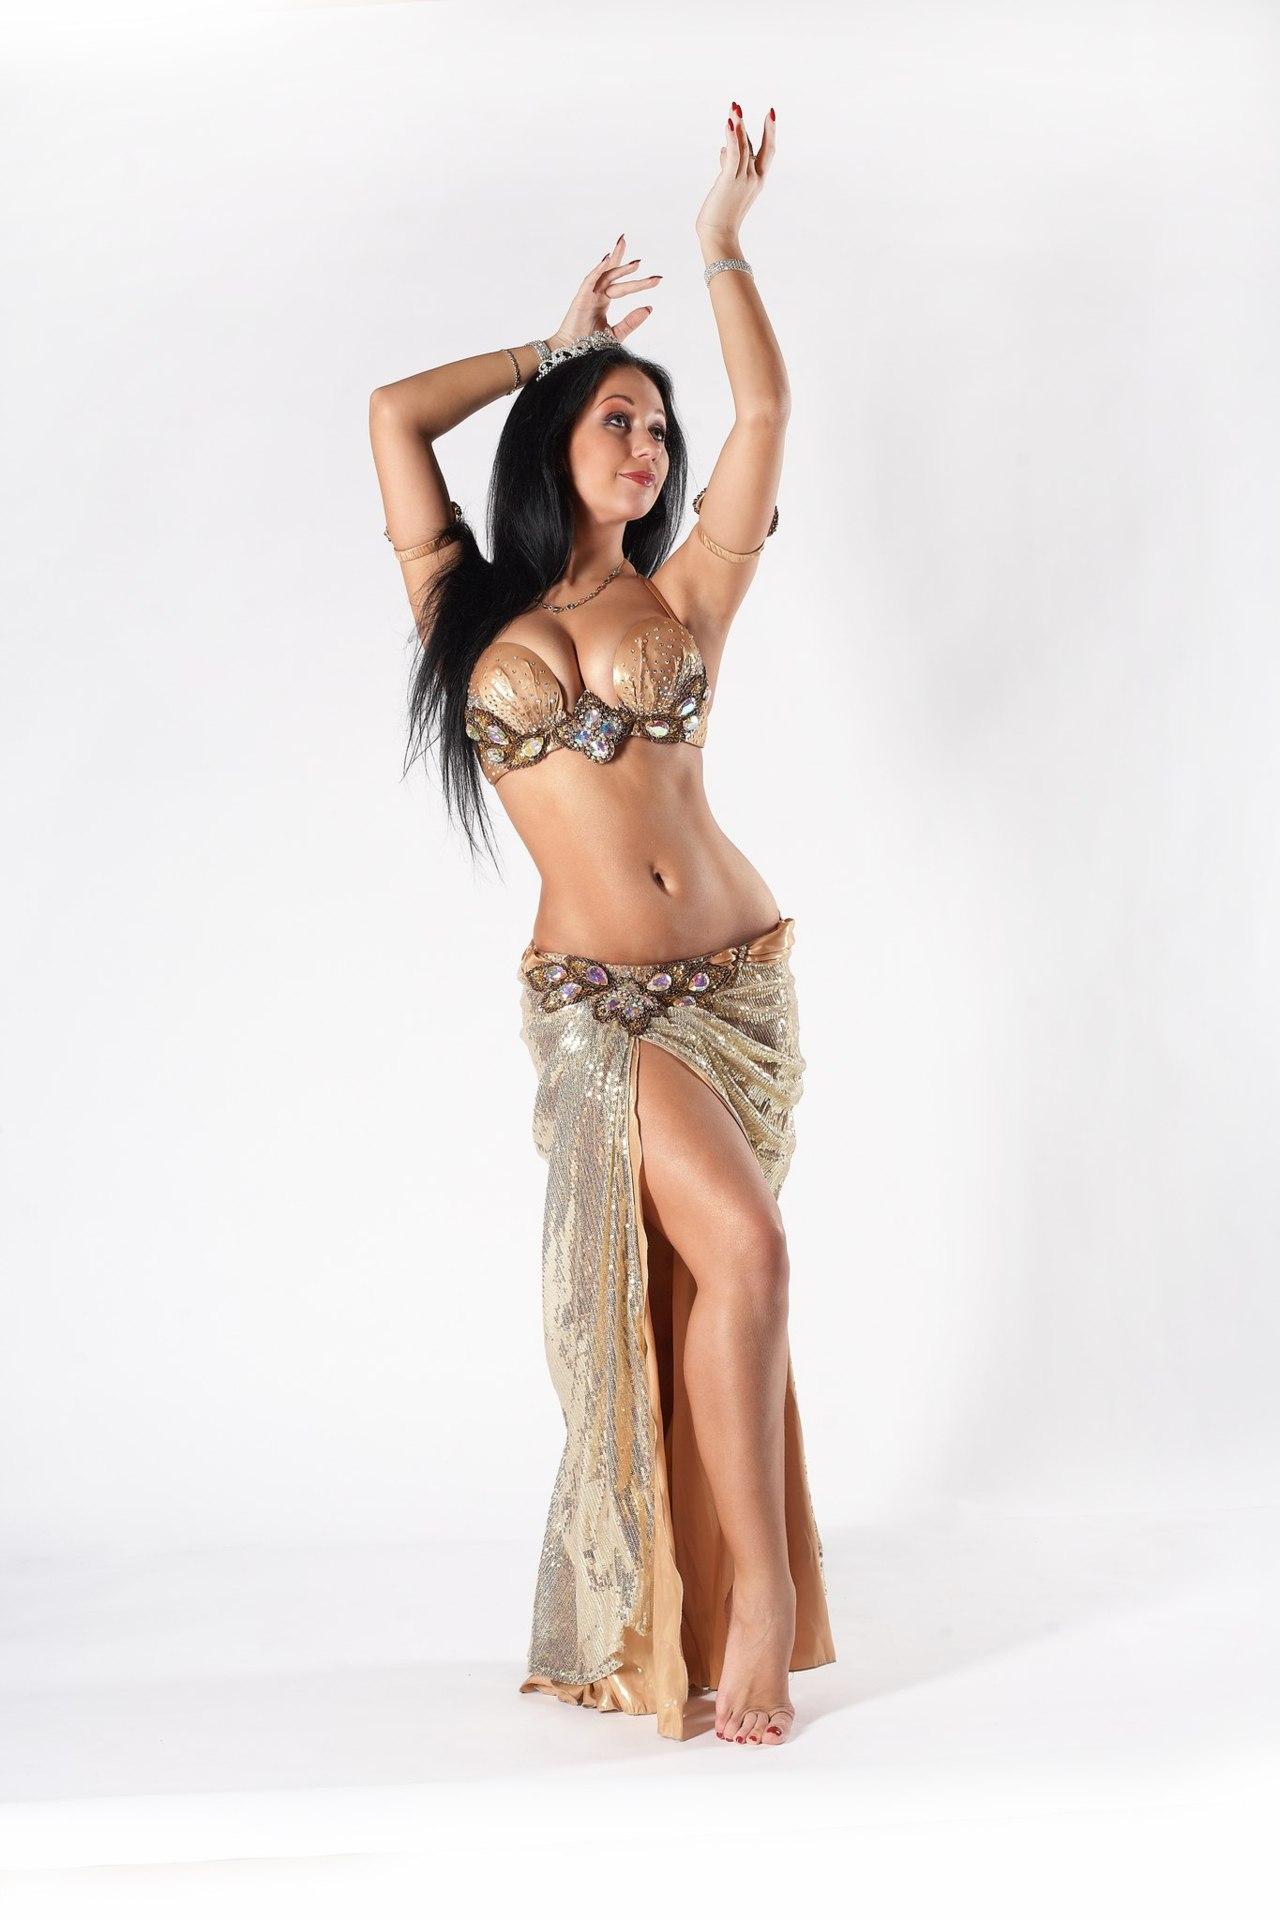 Танцы под юбкой эротика в танцах 6 фотография